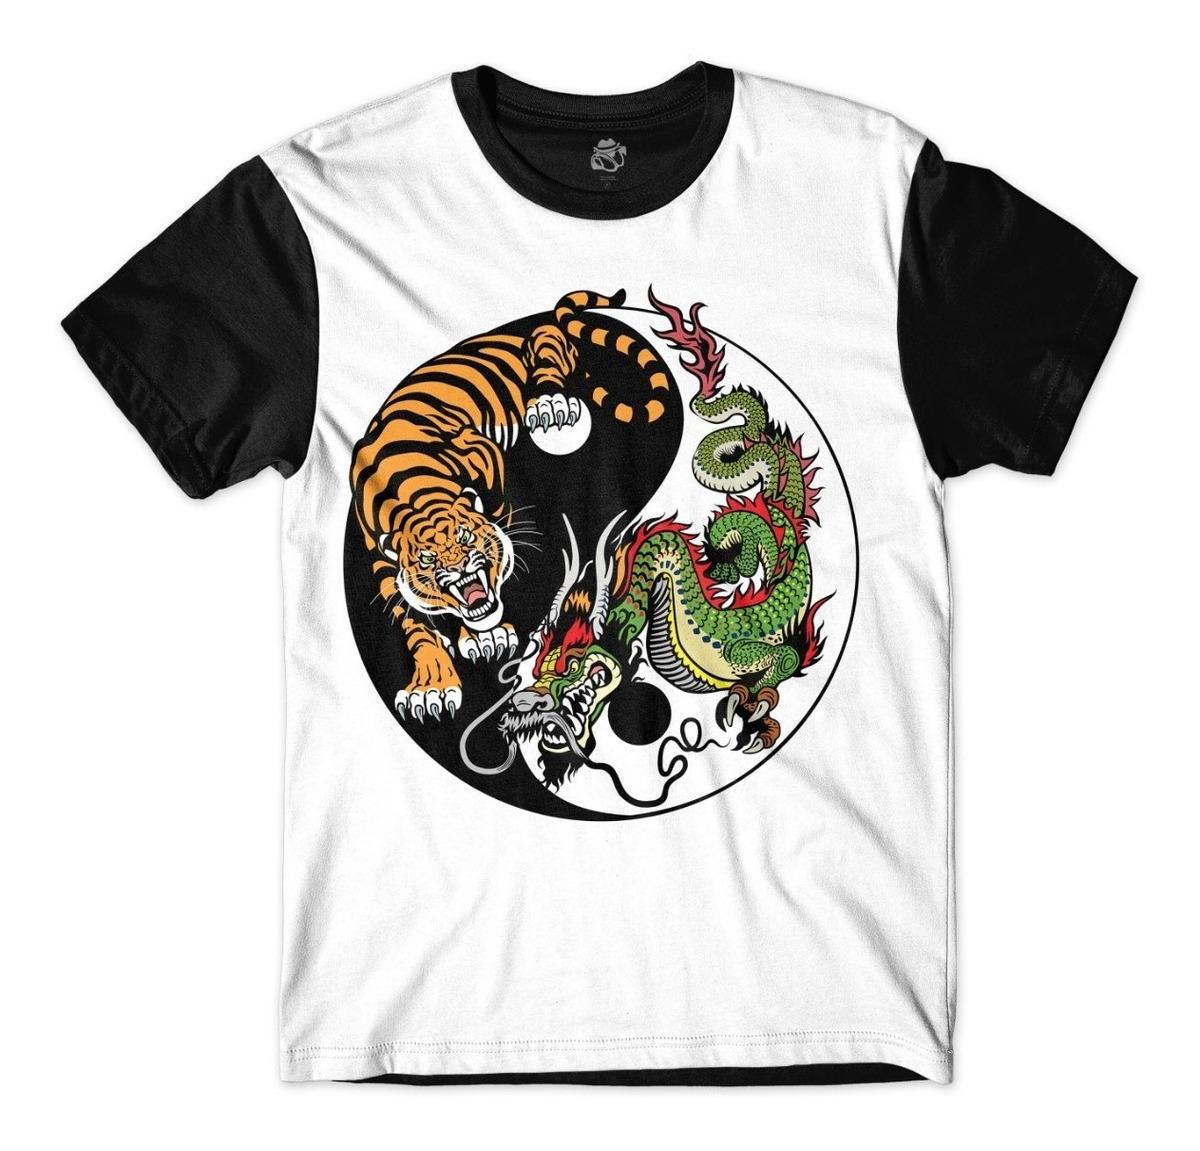 b2dc24fbf Camisa Camiseta Ying Yong Trigre Dragão China Japão Coreia - R$ 42 ...